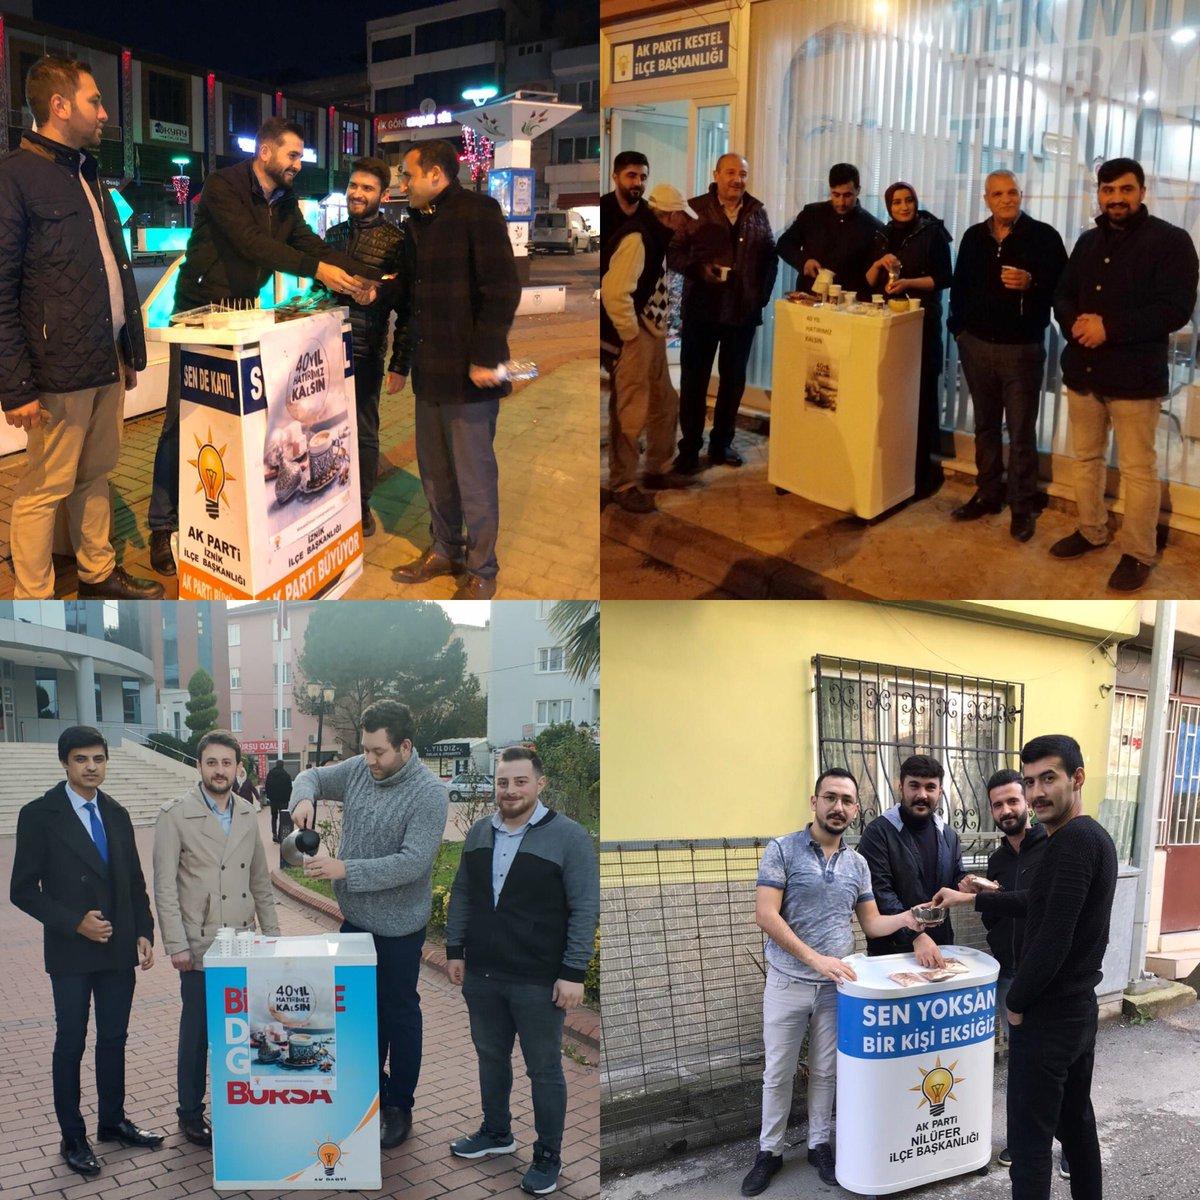 Çevre şehir ve Seçim işleri birimlerimiz #5AralıkDünyaTürkKahvesiGünü sebebiyle ilçe teşkilarımız ile birlikte vatandaşlarımıza Türk kahvesi ikram ettiler. #40YılHatırımızkalsın @tarikkose_